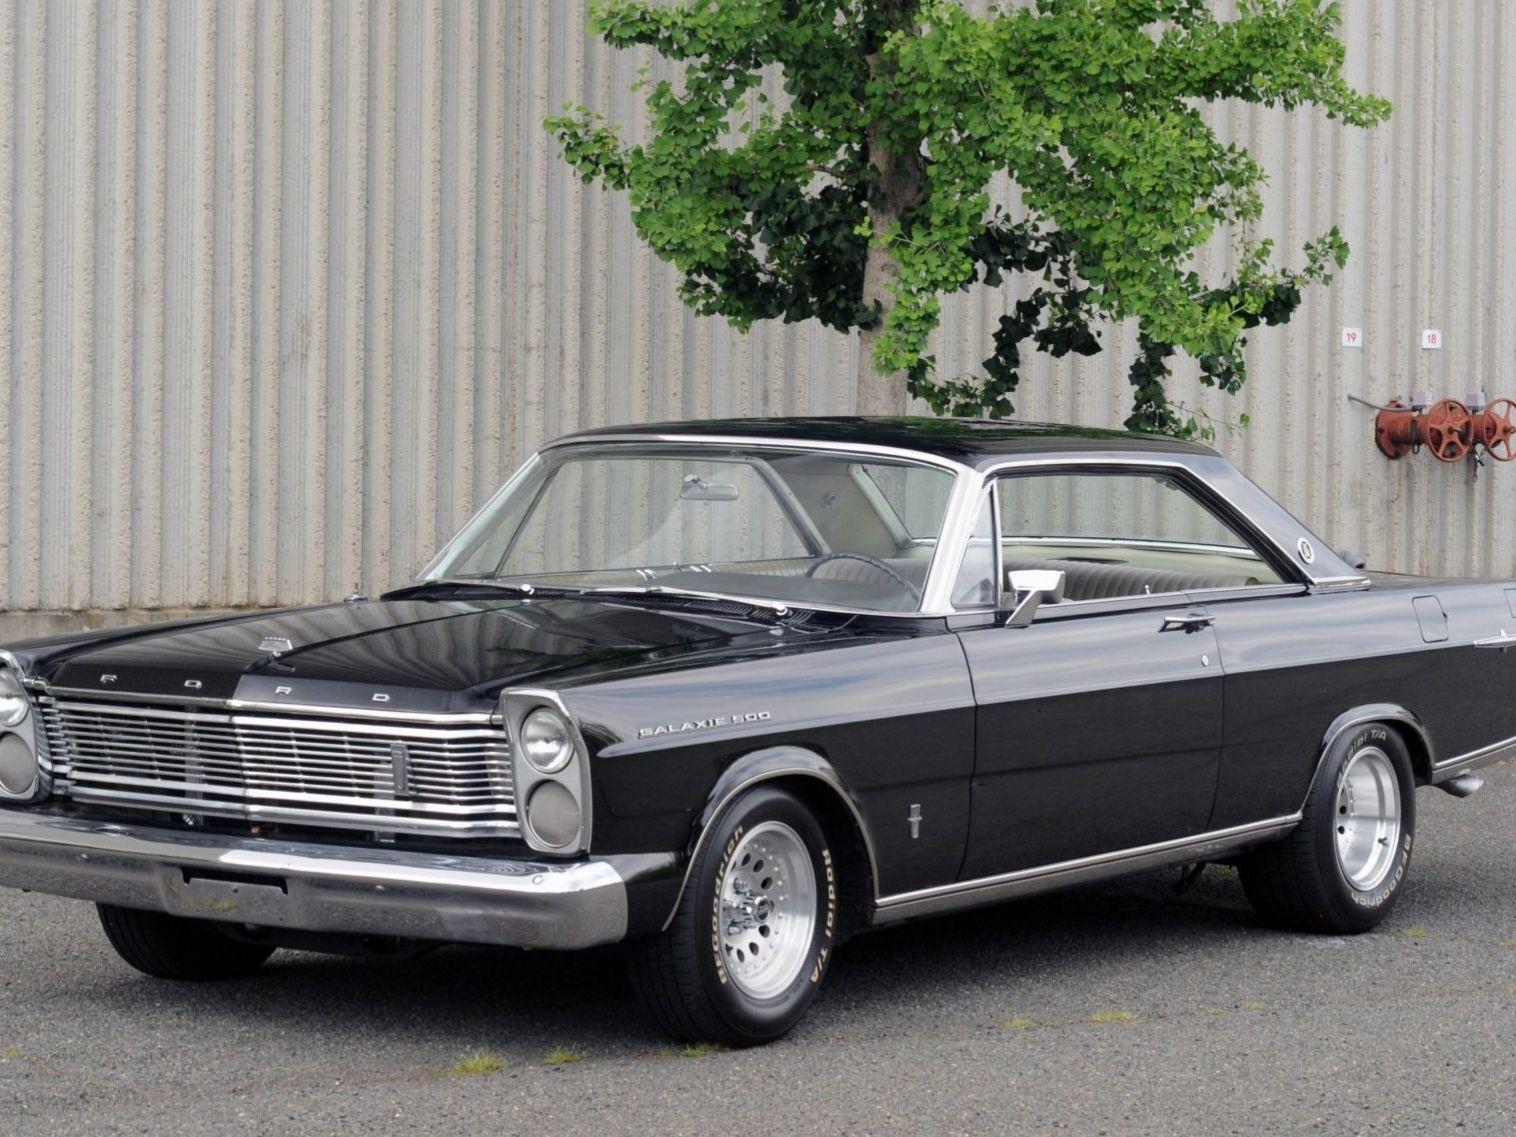 1965 Ford Galaxie 500 Ltd 5-Speed